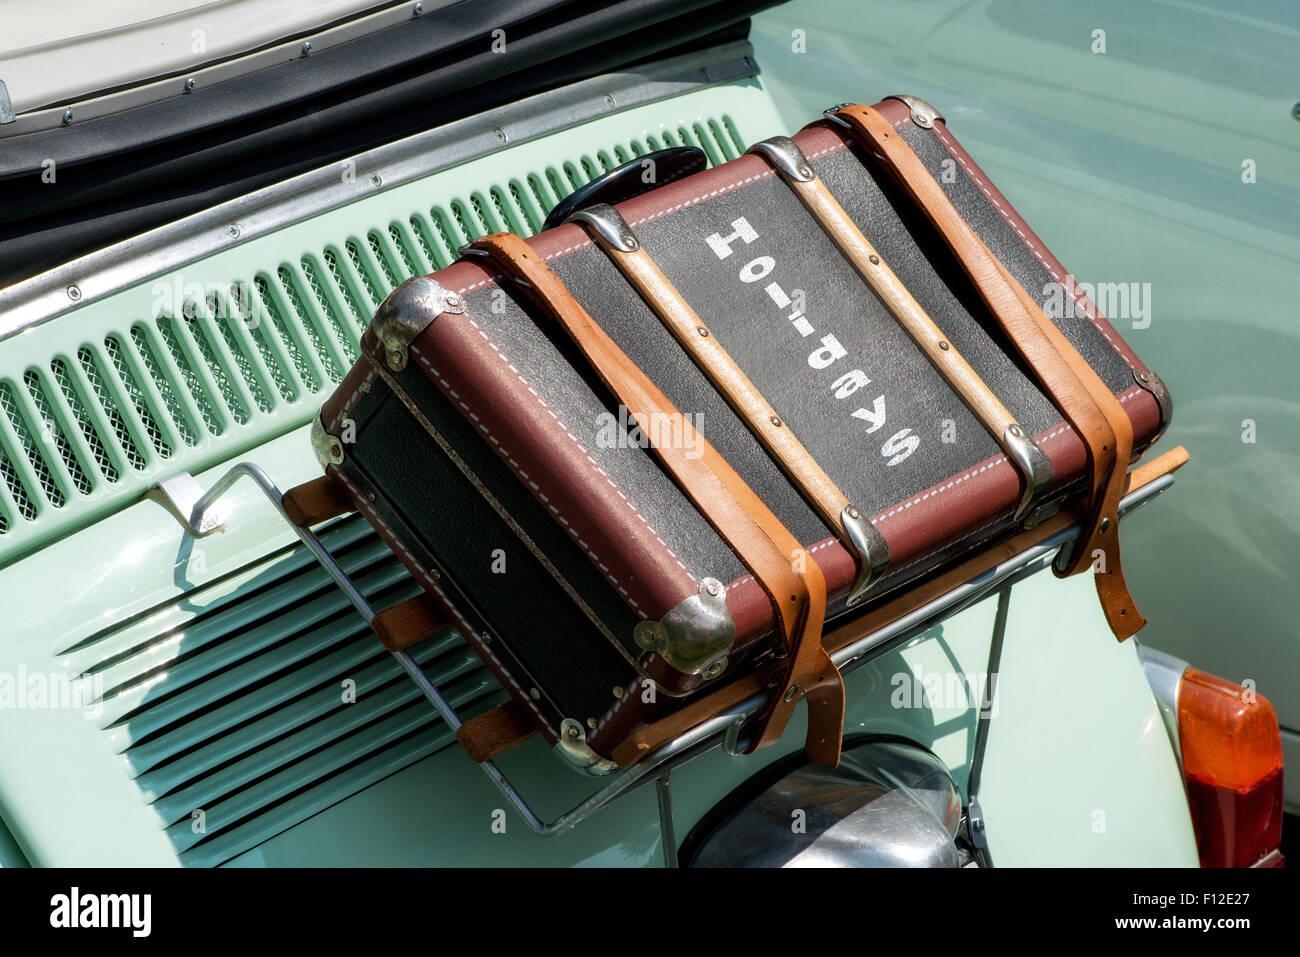 Maleta atadas a la espalda en la parte superior del maletero de un coche vintage Imagen De Stock